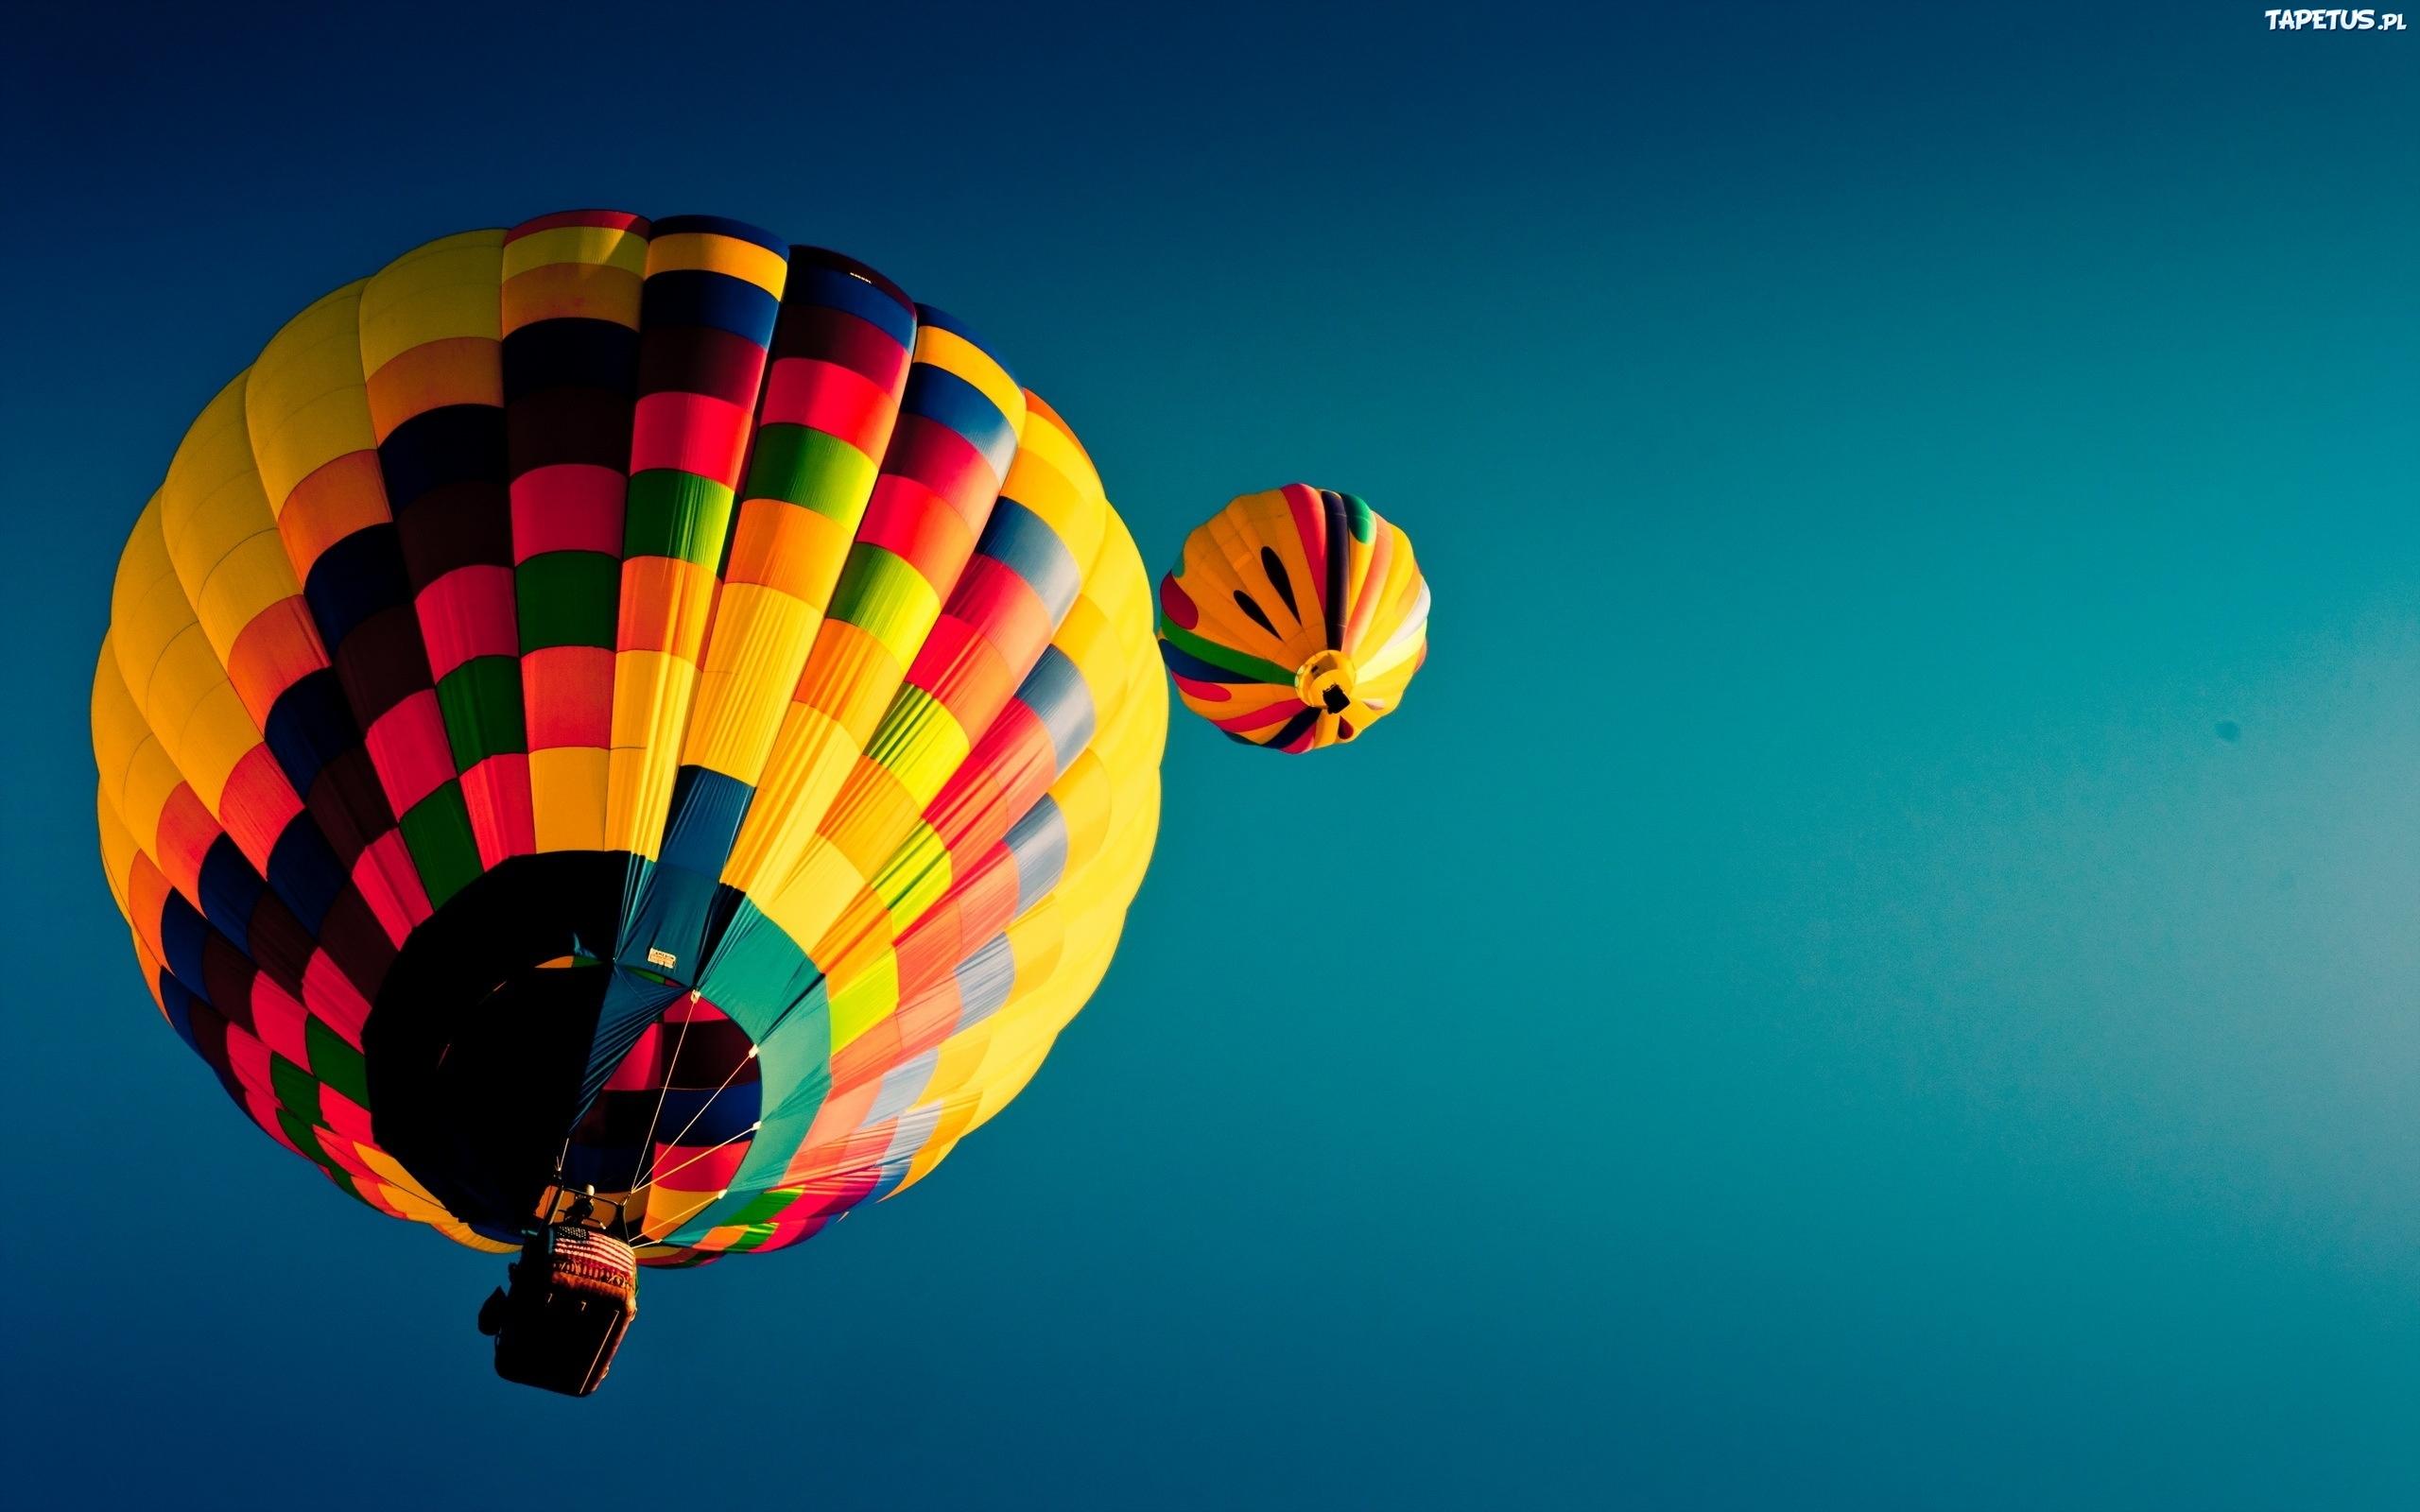 шары небо balls the sky  № 1008108 бесплатно